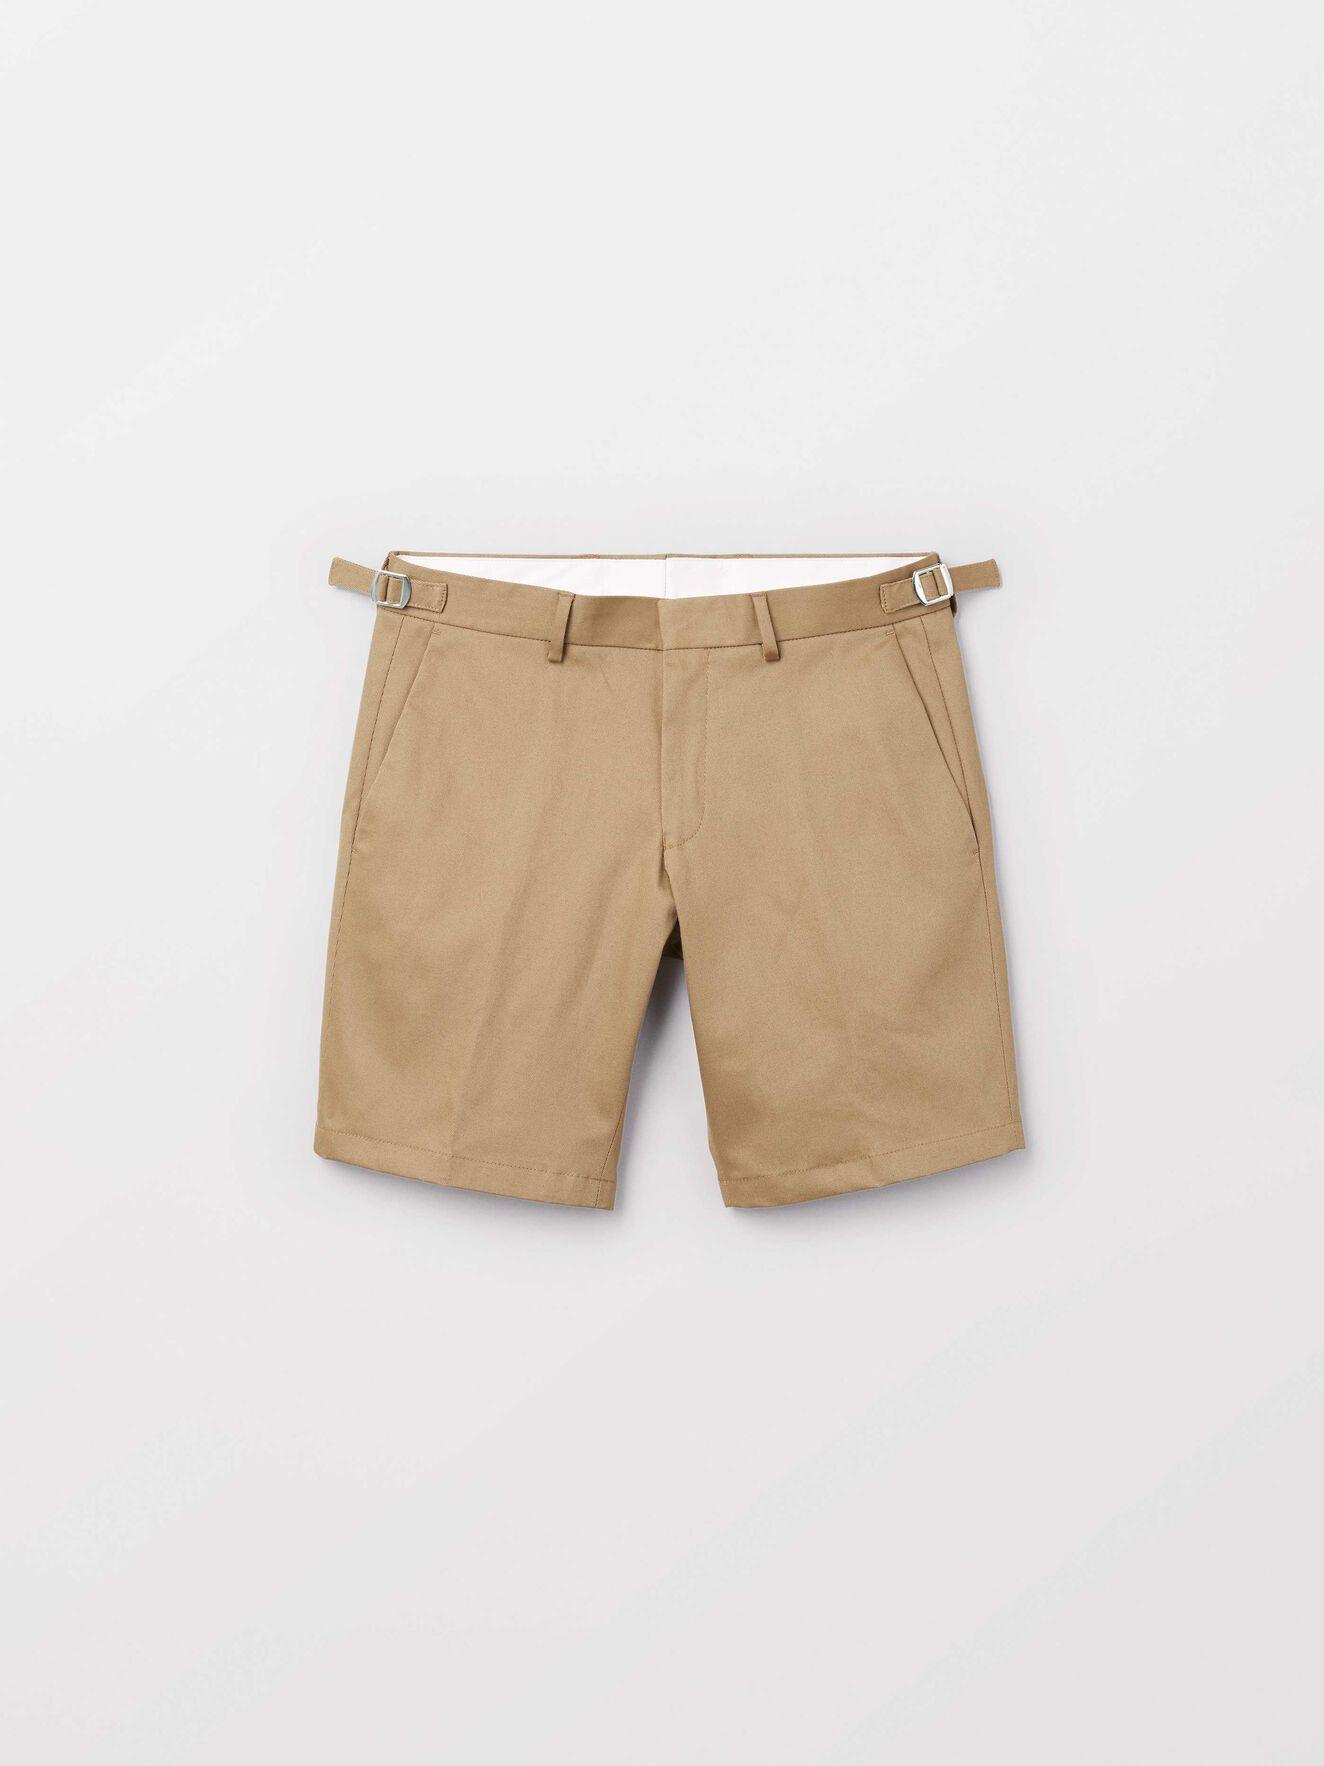 Travon Shorts in Peru from Tiger of Sweden